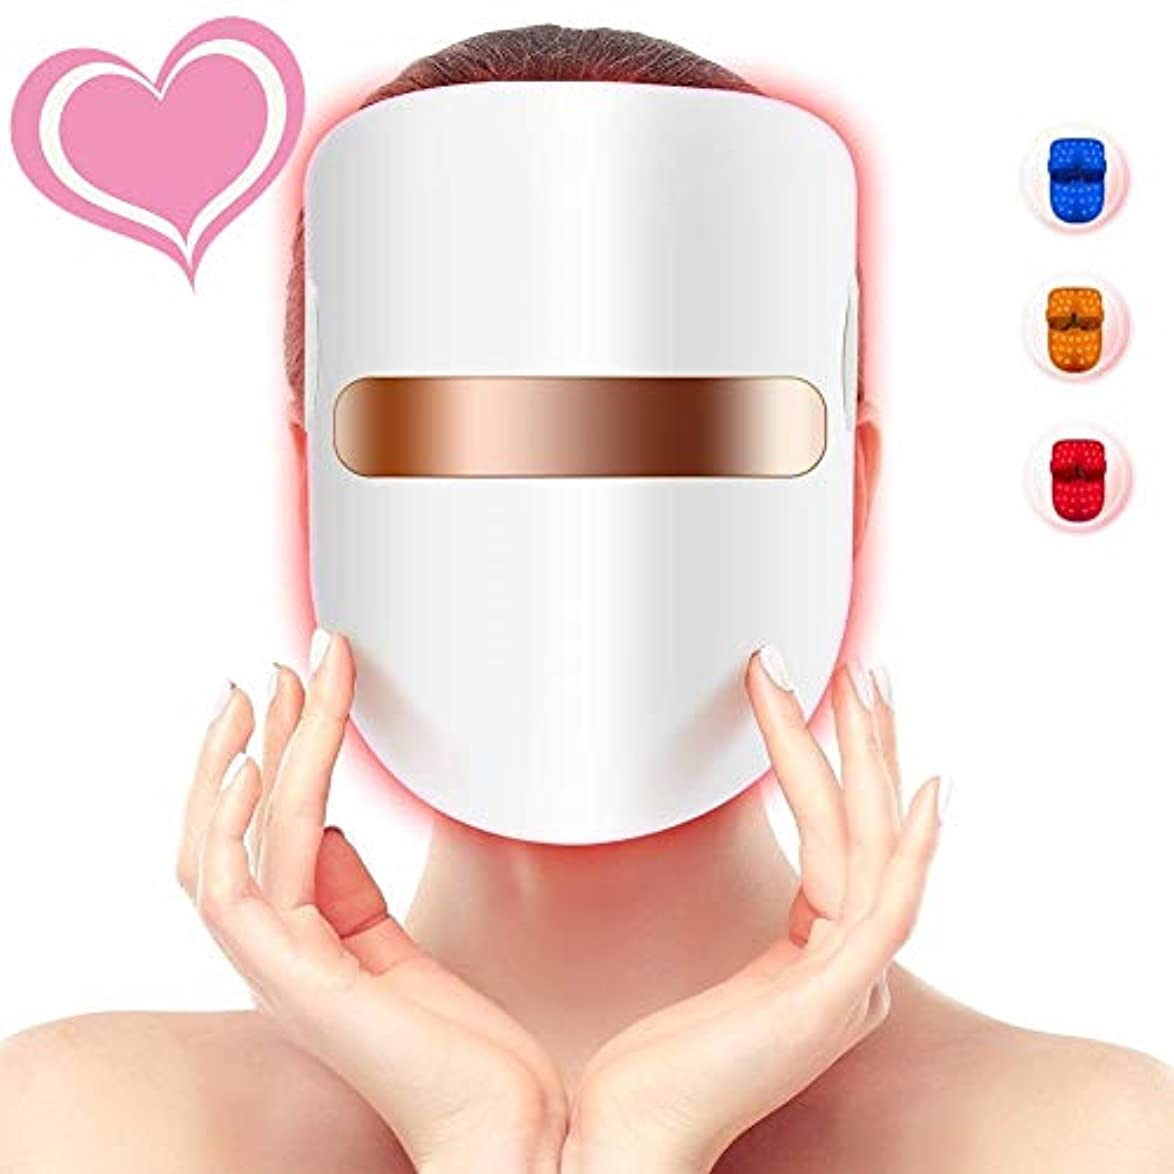 サイレント建築家失う3色の軽い療法のアクネのマスク、LEDの顔のマスク、導かれた光子療法の顔の美のマスクのにきびのしわのコラーゲンの顔のスキンケアの若返りのための無制限の処置